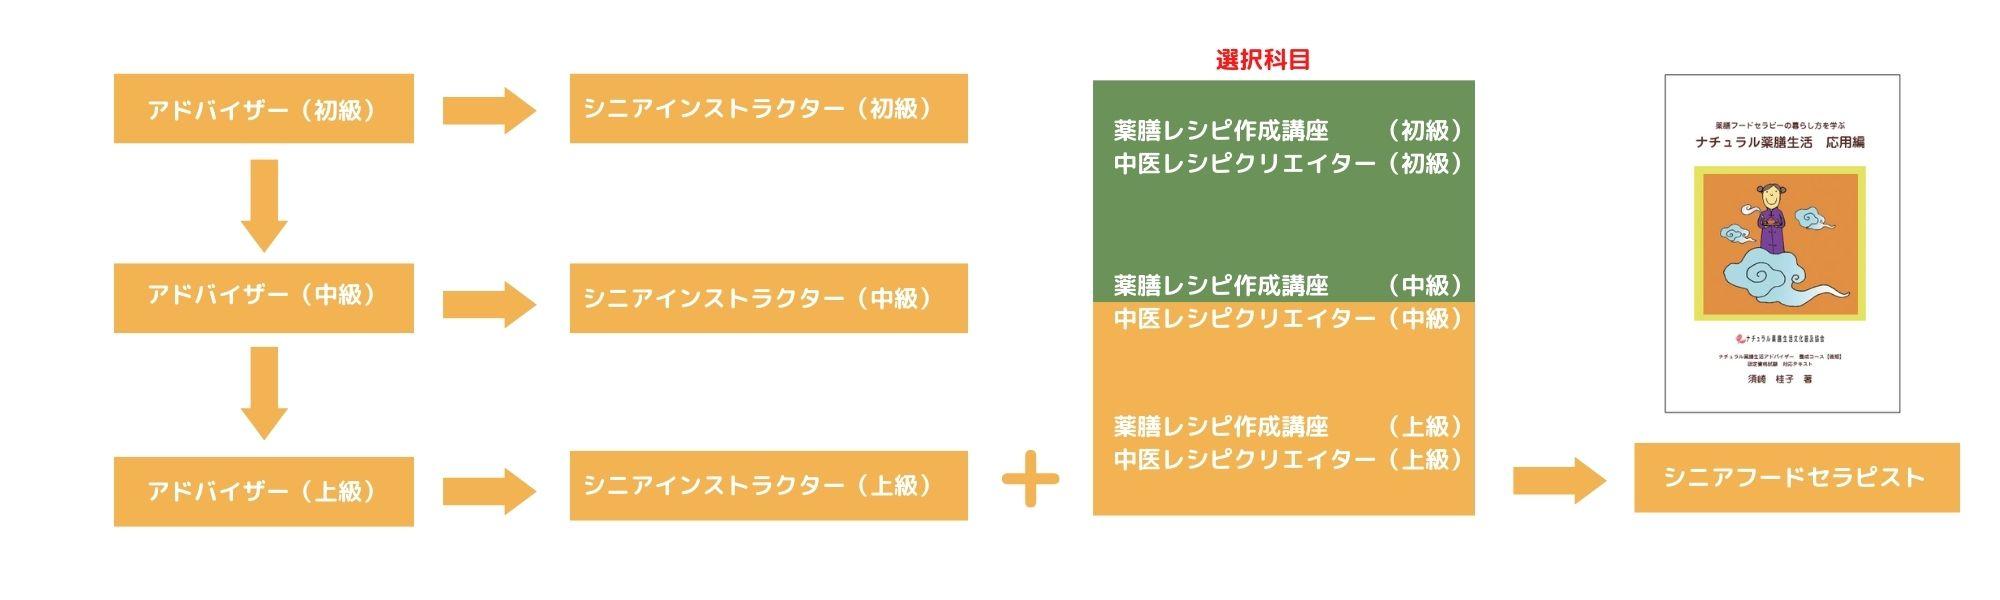 【後期】ナチュラル薬膳生活専門家養成コース